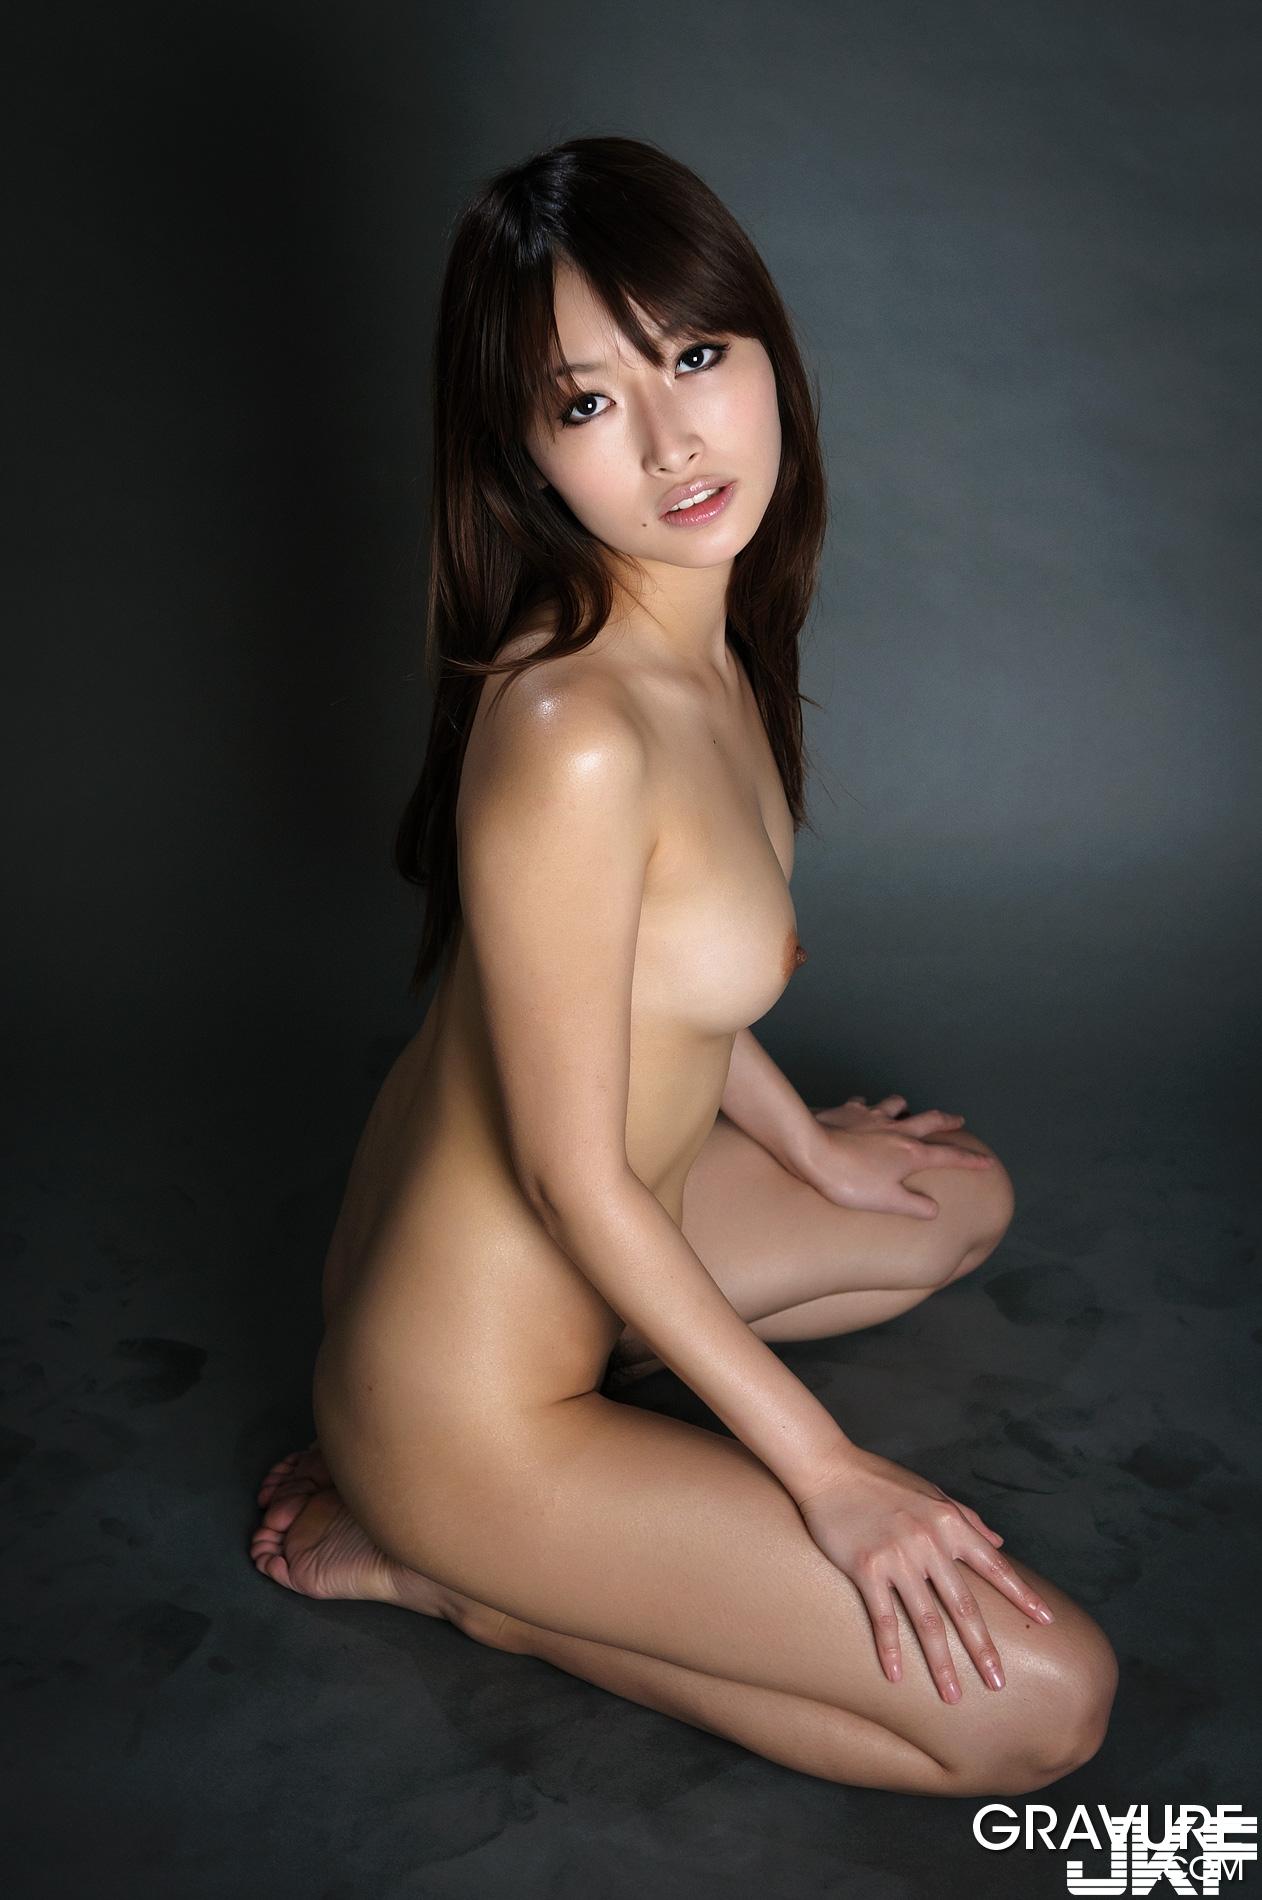 1_056 - MANA-AOKI-09-055.jpg